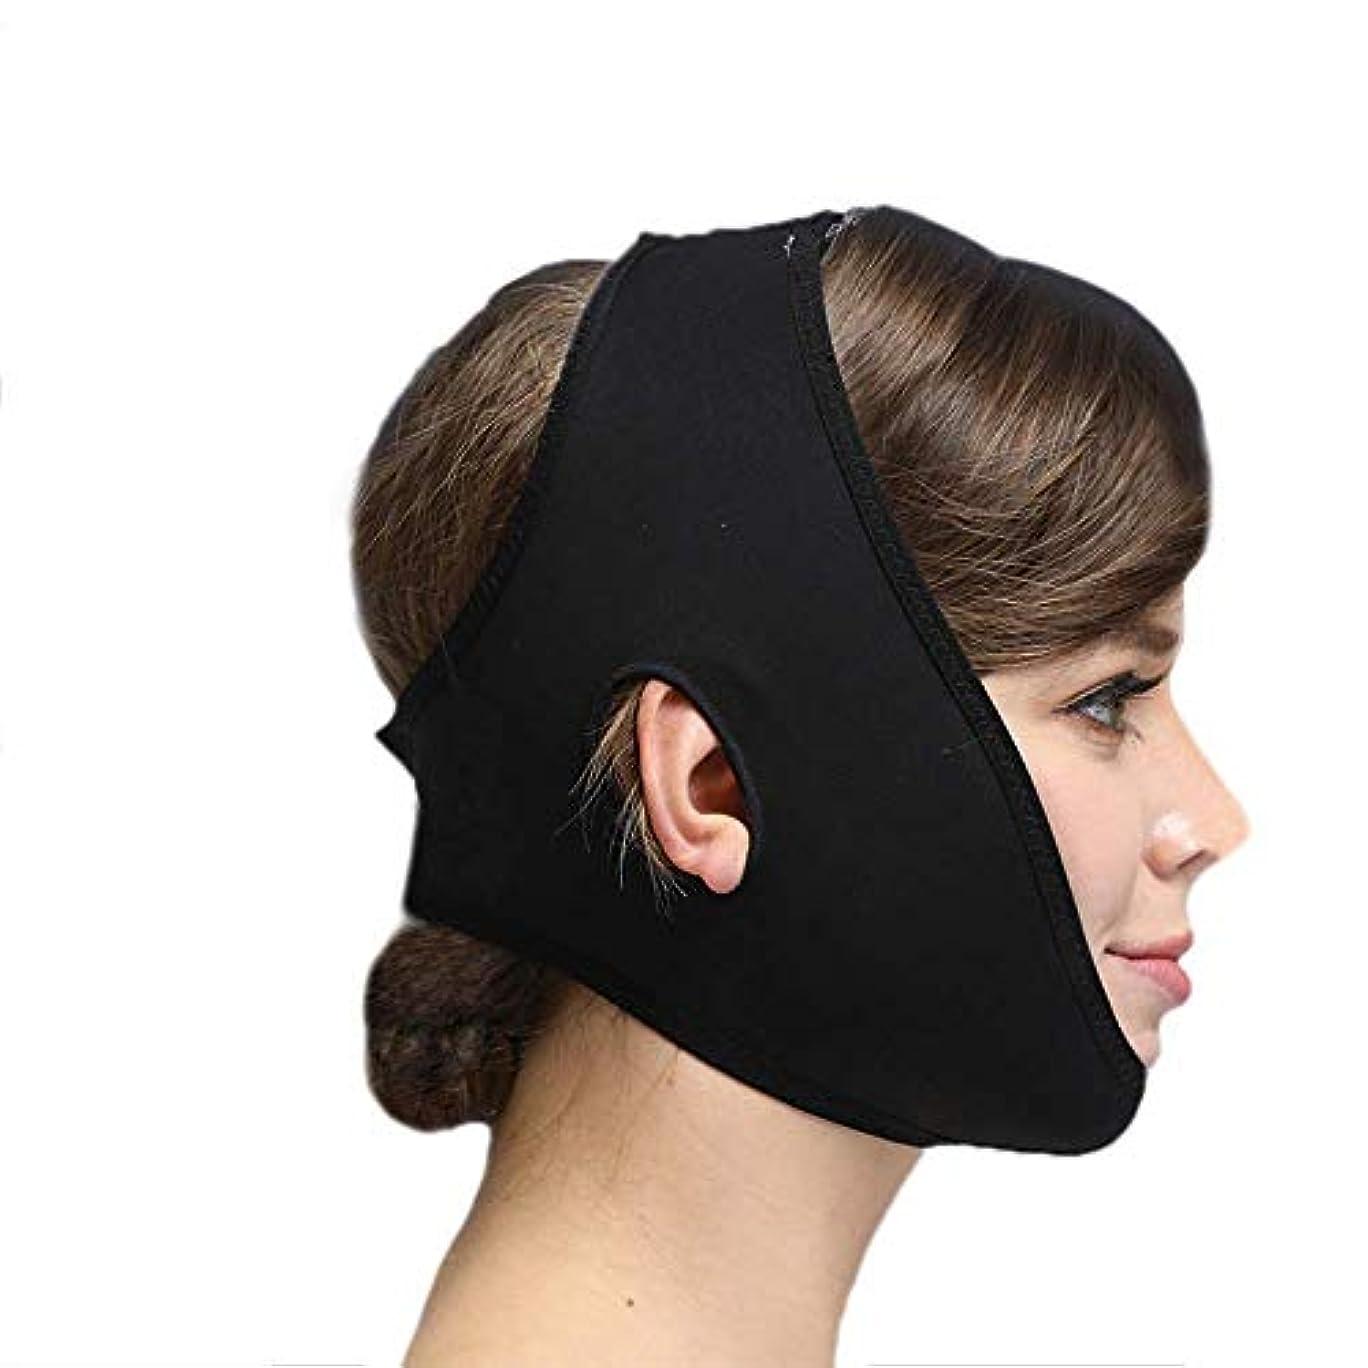 買い手巨大アンケートフェイススリミングマスク、快適さと通気性、フェイシャルリフティング、輪郭の改善された硬さ、ファーミングとリフティングフェイス(カラー:ブラック、サイズ:XL),ブラック2、XL